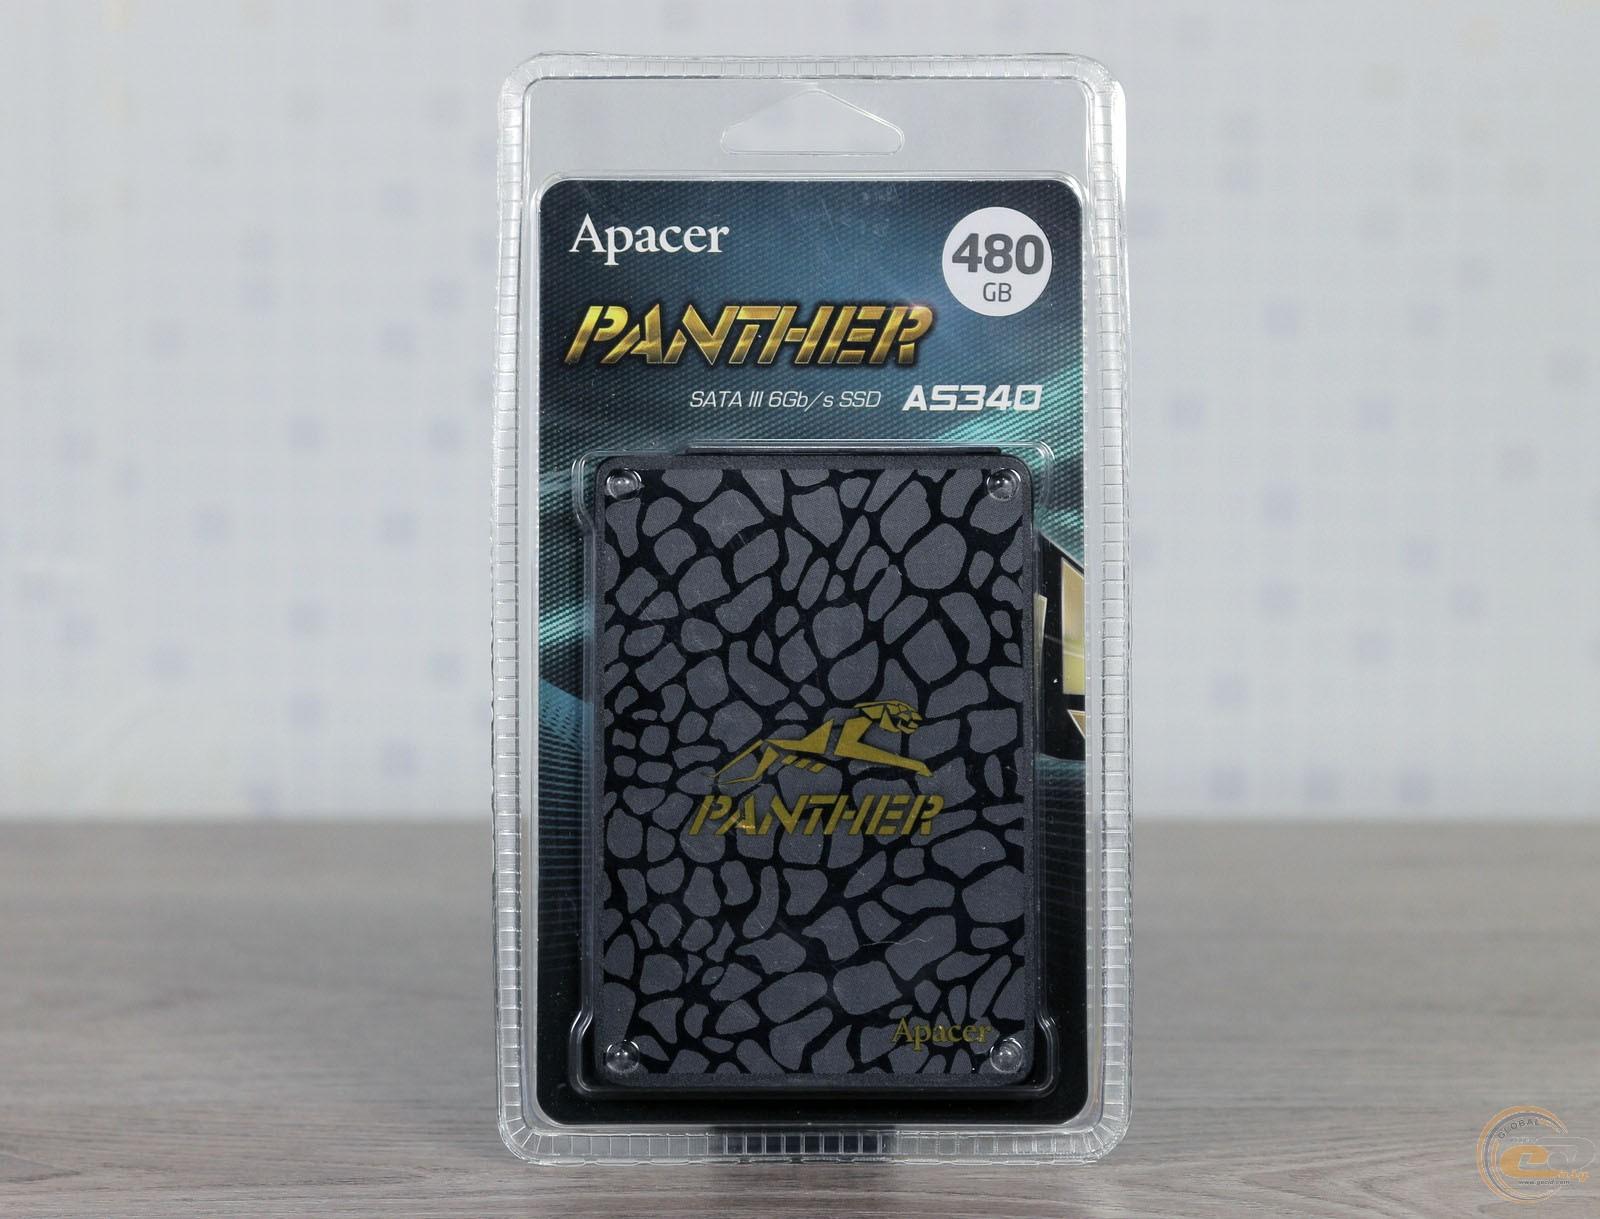 Apacer PANTHER AS340